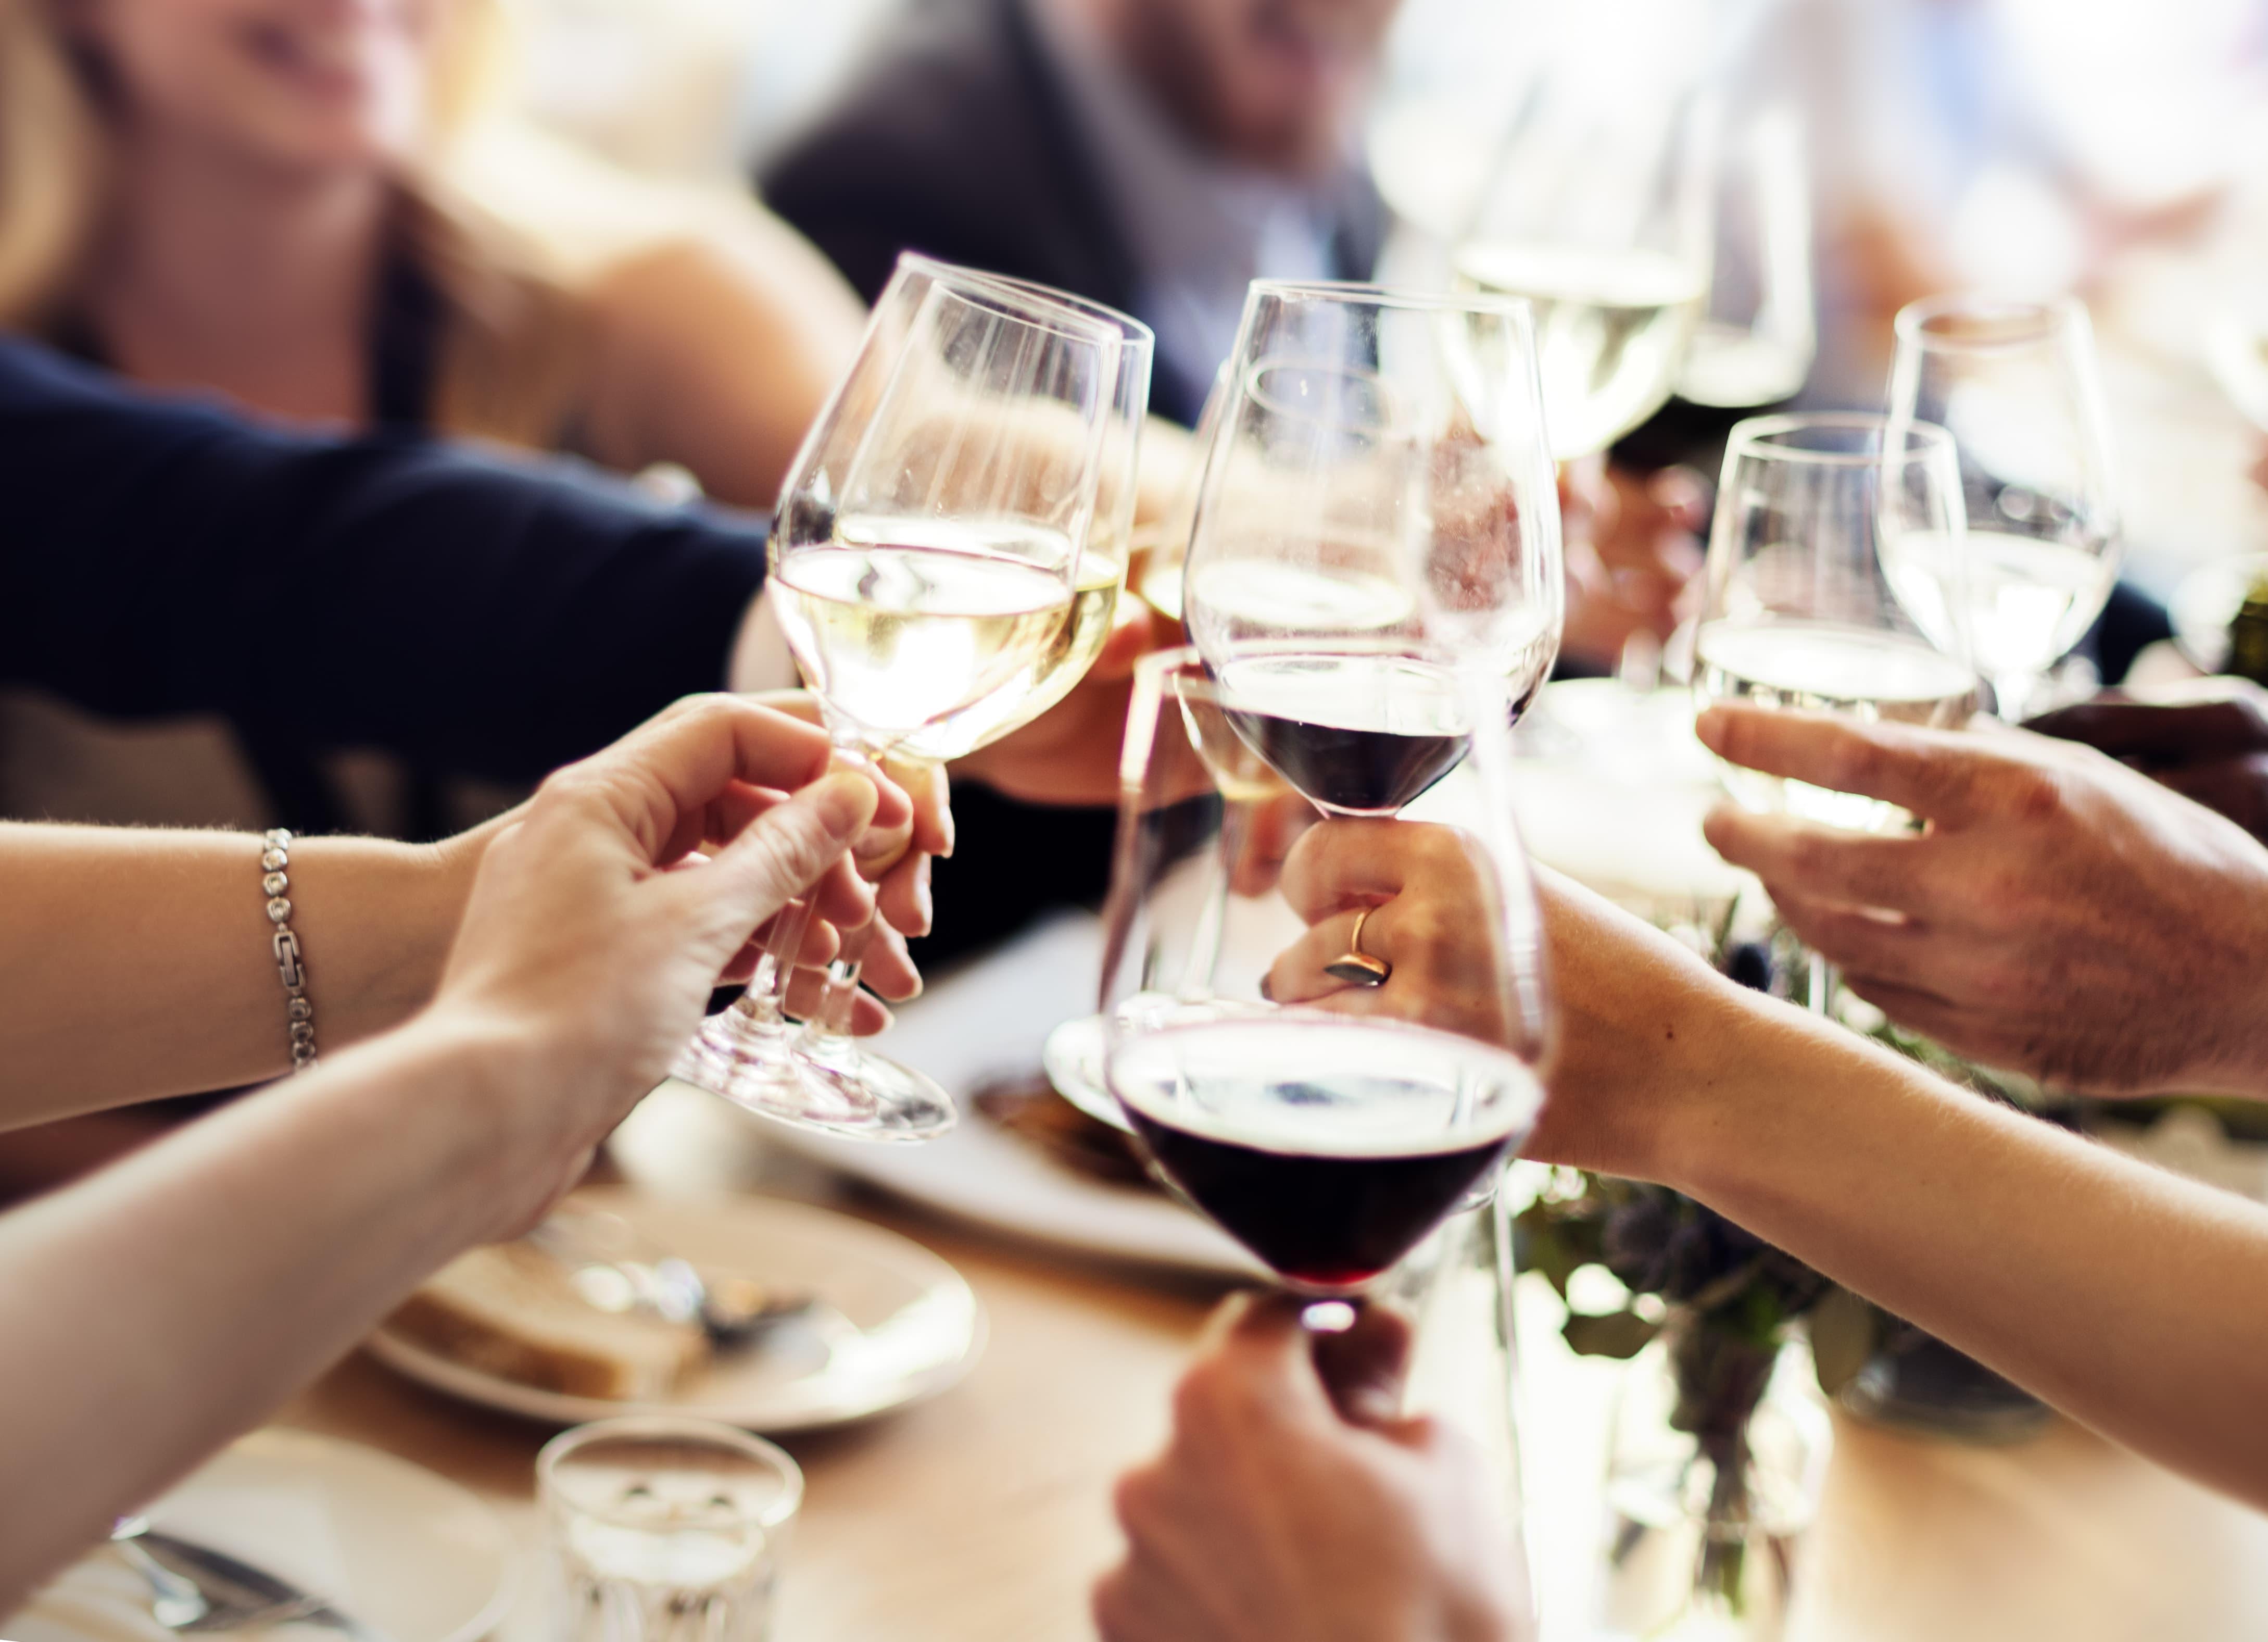 Bom de copo: O consumo inteligente do vinho tem grandes benefícios para saúde e longevidade